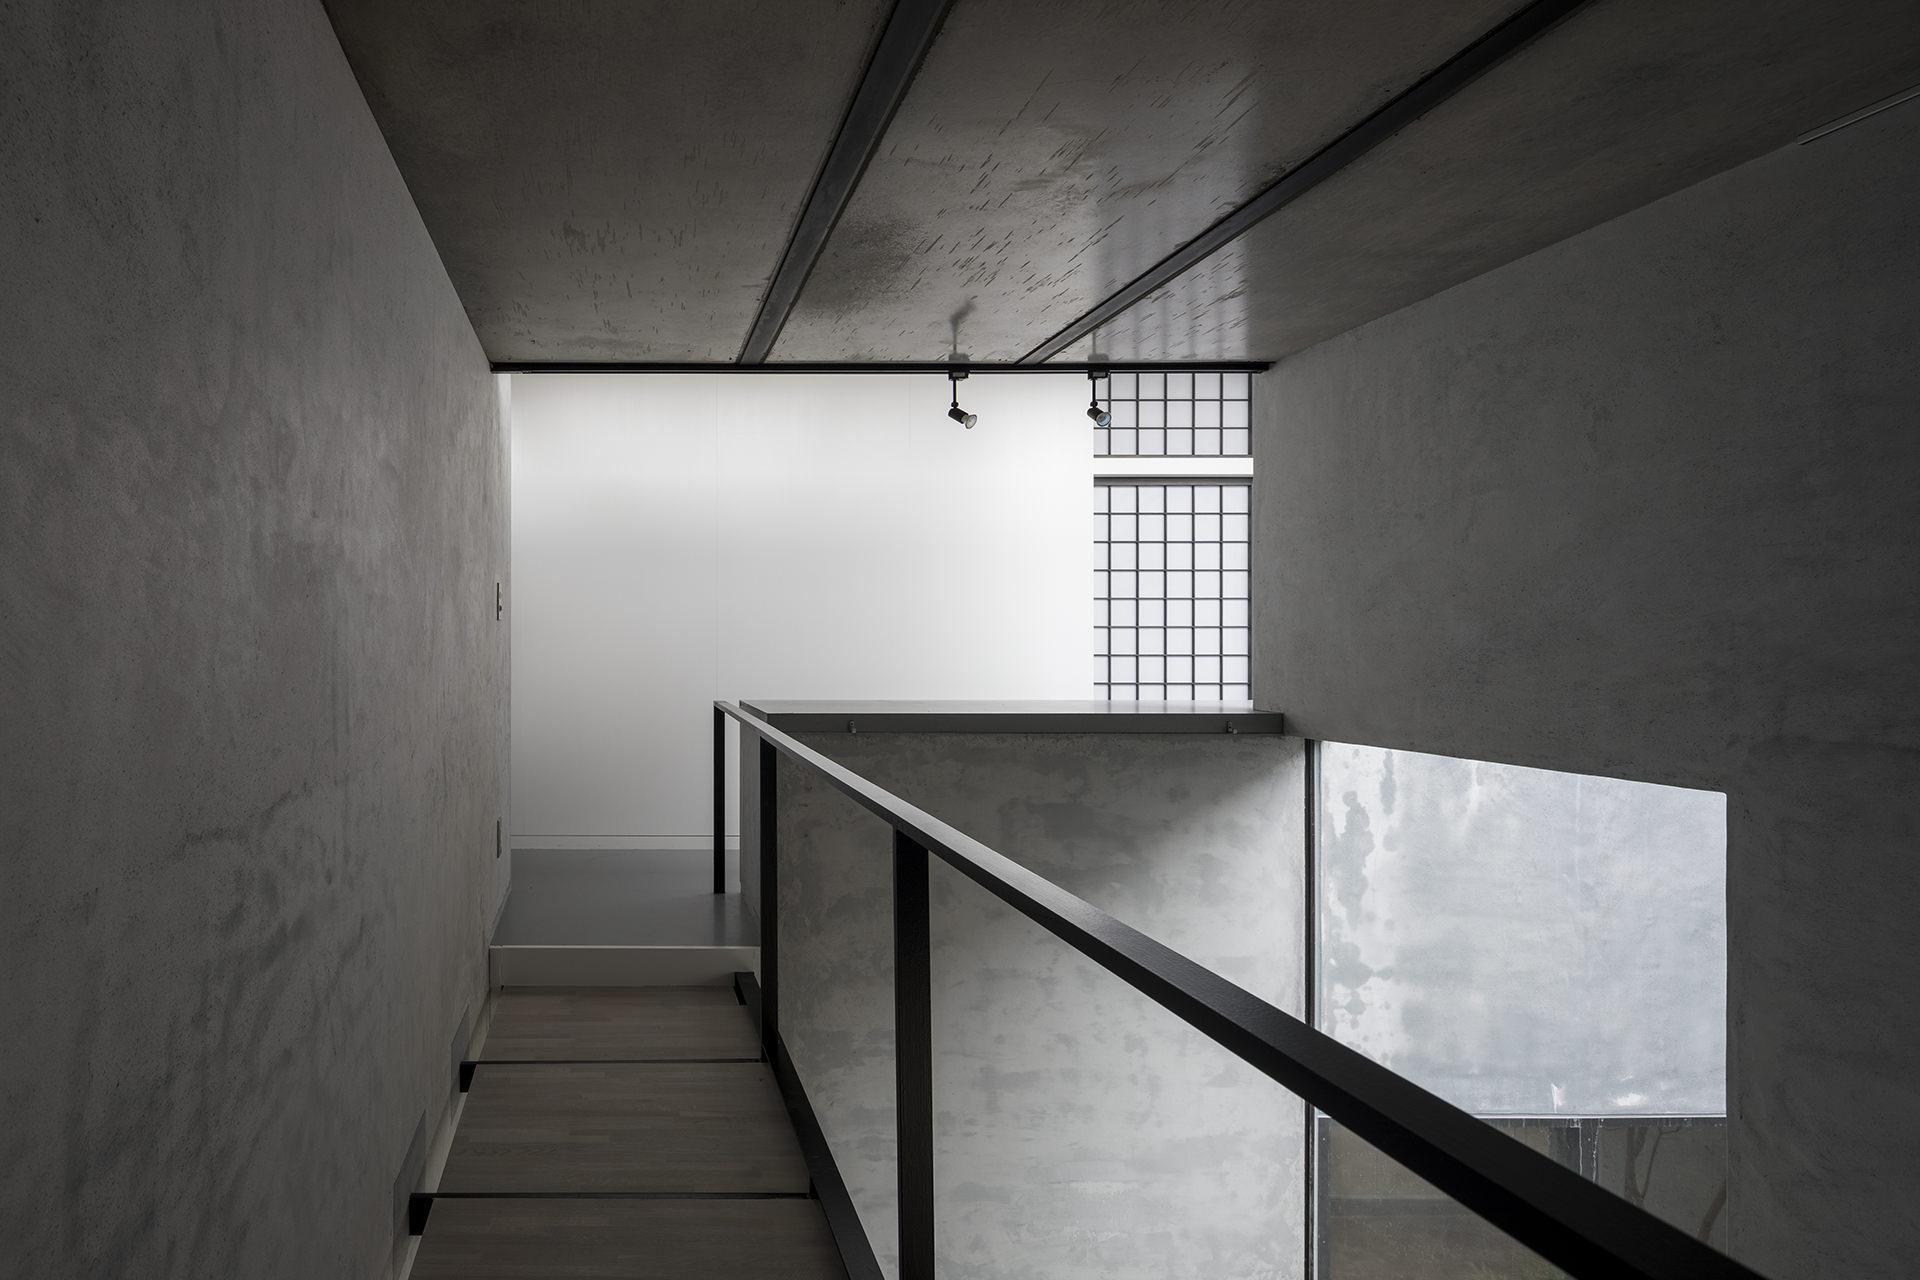 北鎌倉の家 イメージ7 撮影:東涌写真事務所・東涌宏和